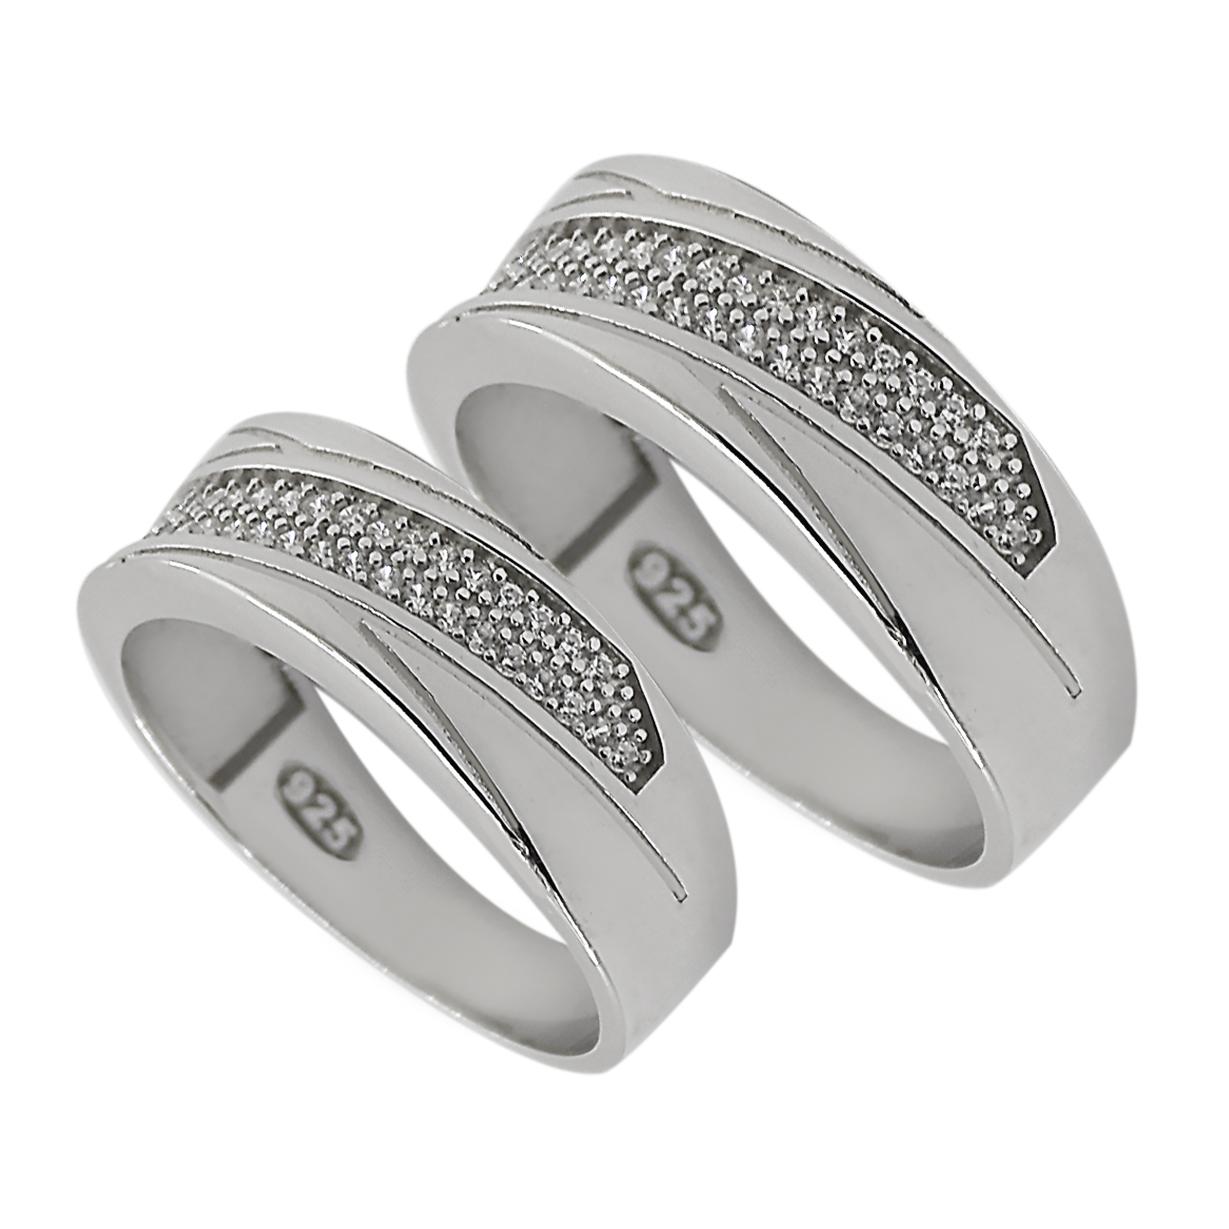 ست انگشتر نقره زنانه و مردانه مدل po789441